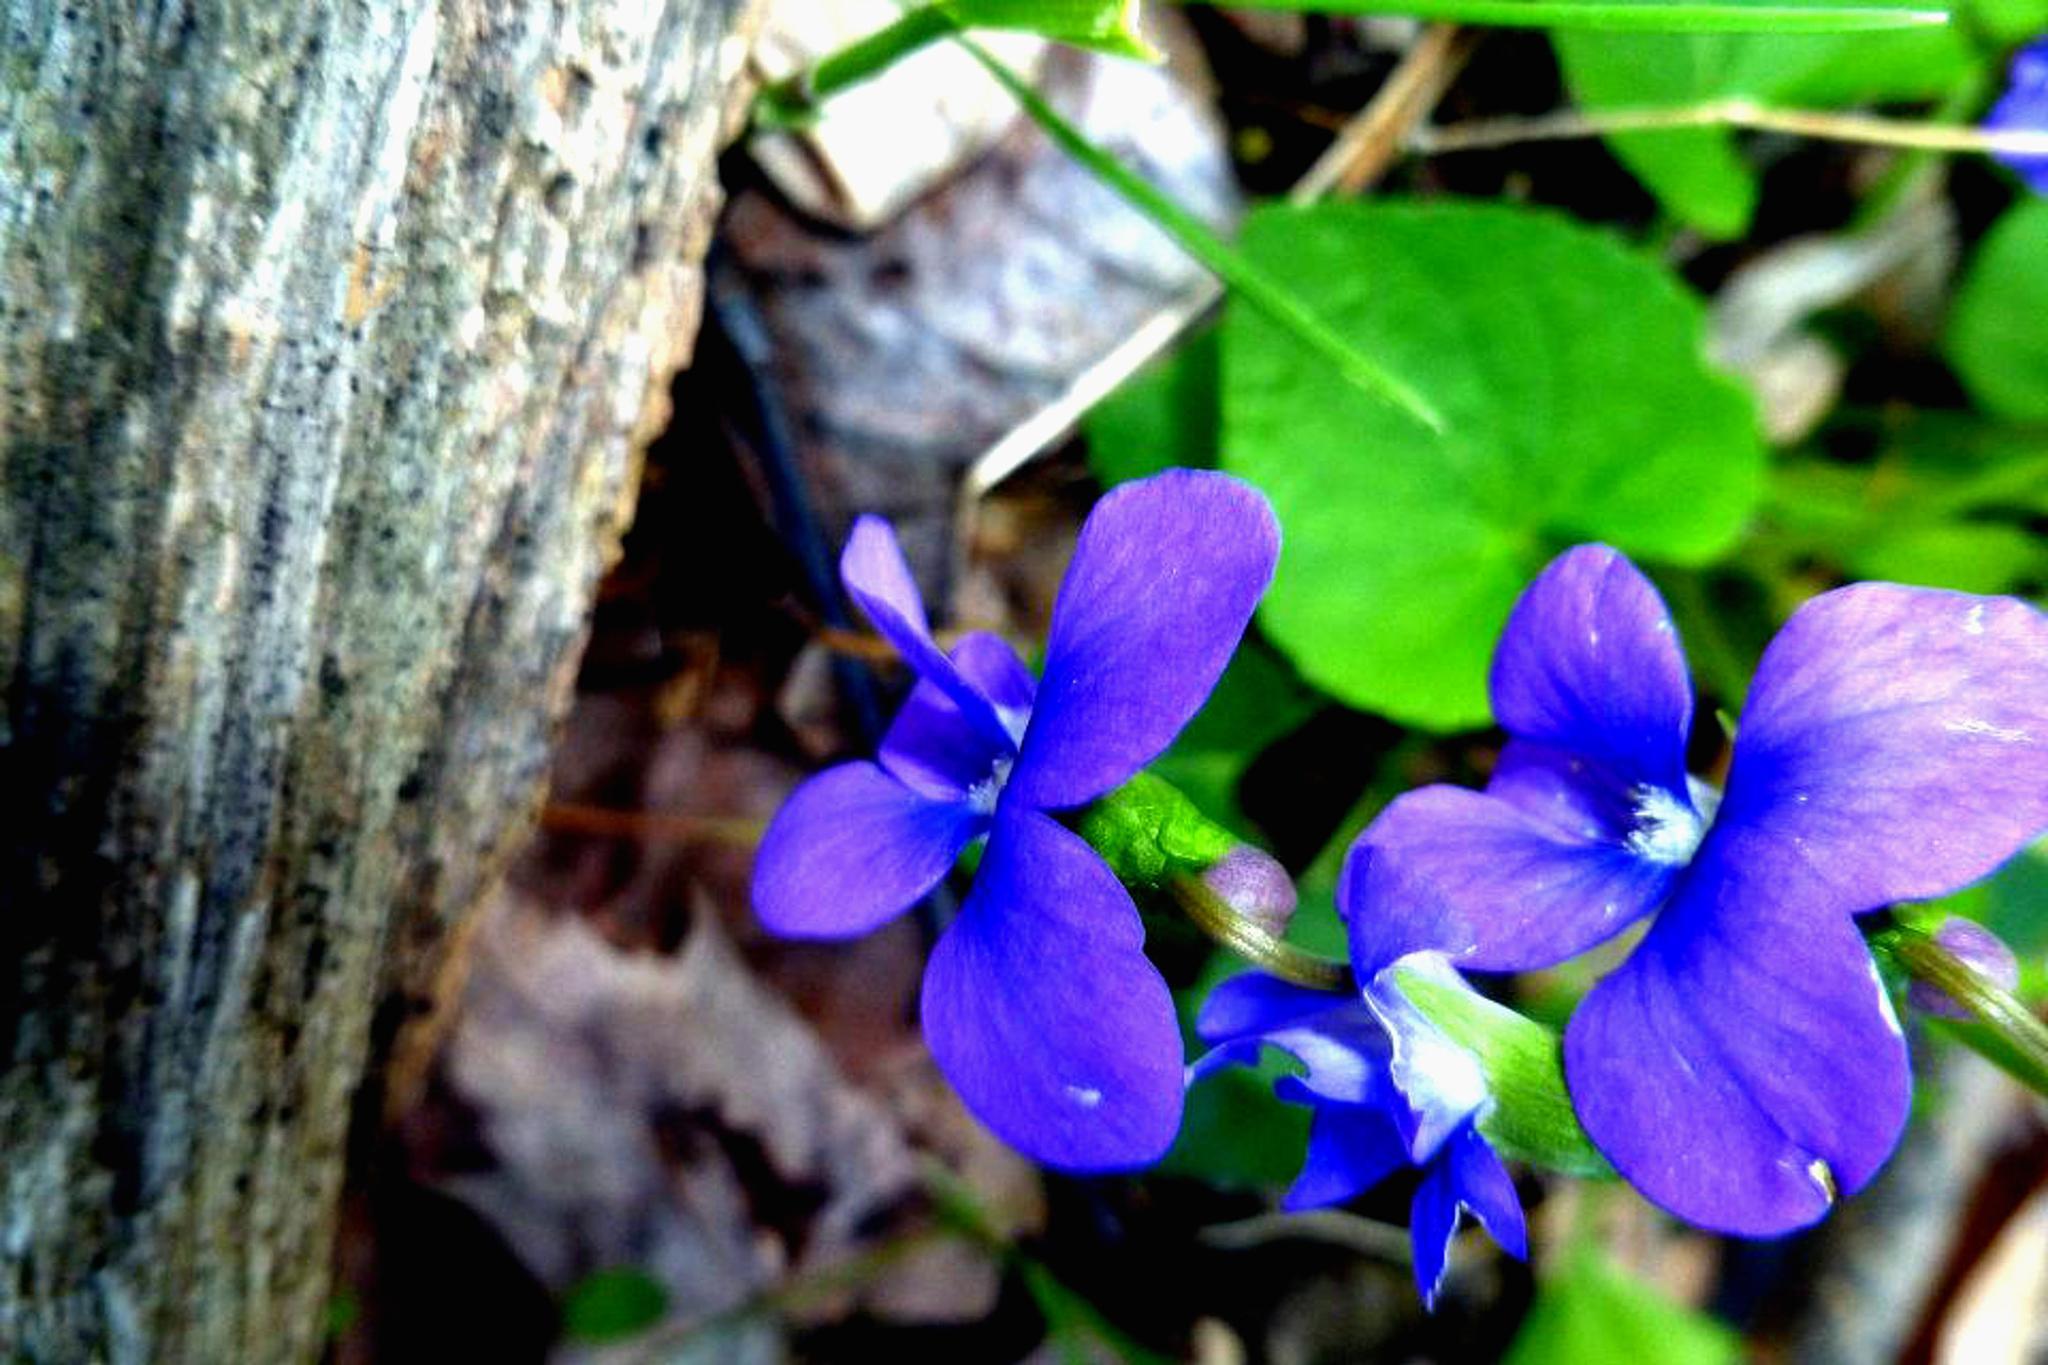 Violets by Cait Templeton